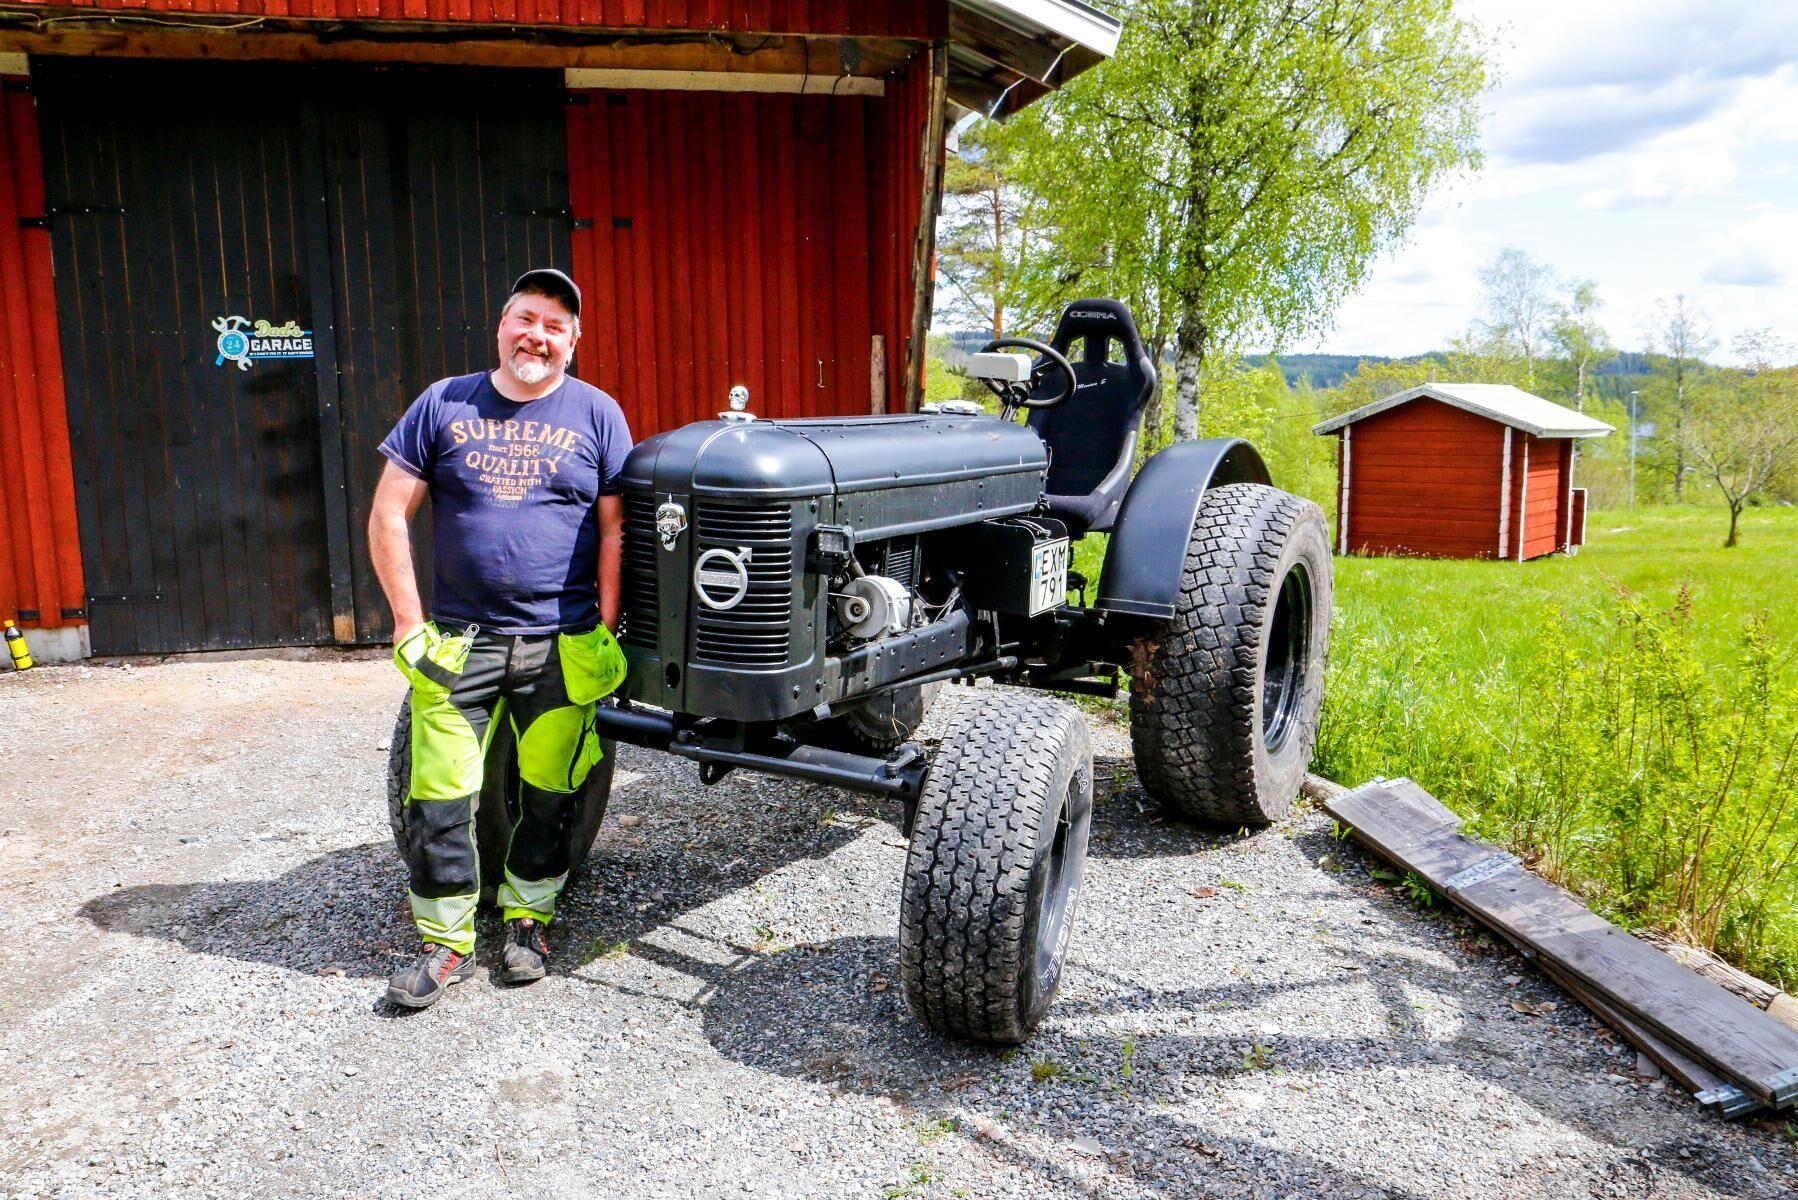 Med den Weberförgasarförsedda gamla lastbilsmotorn i, ger Jan Henningsons T22a runt 100 hästar. Det är lite skillnad mot de drygt 20 hästarna som originalmotorn besitter.